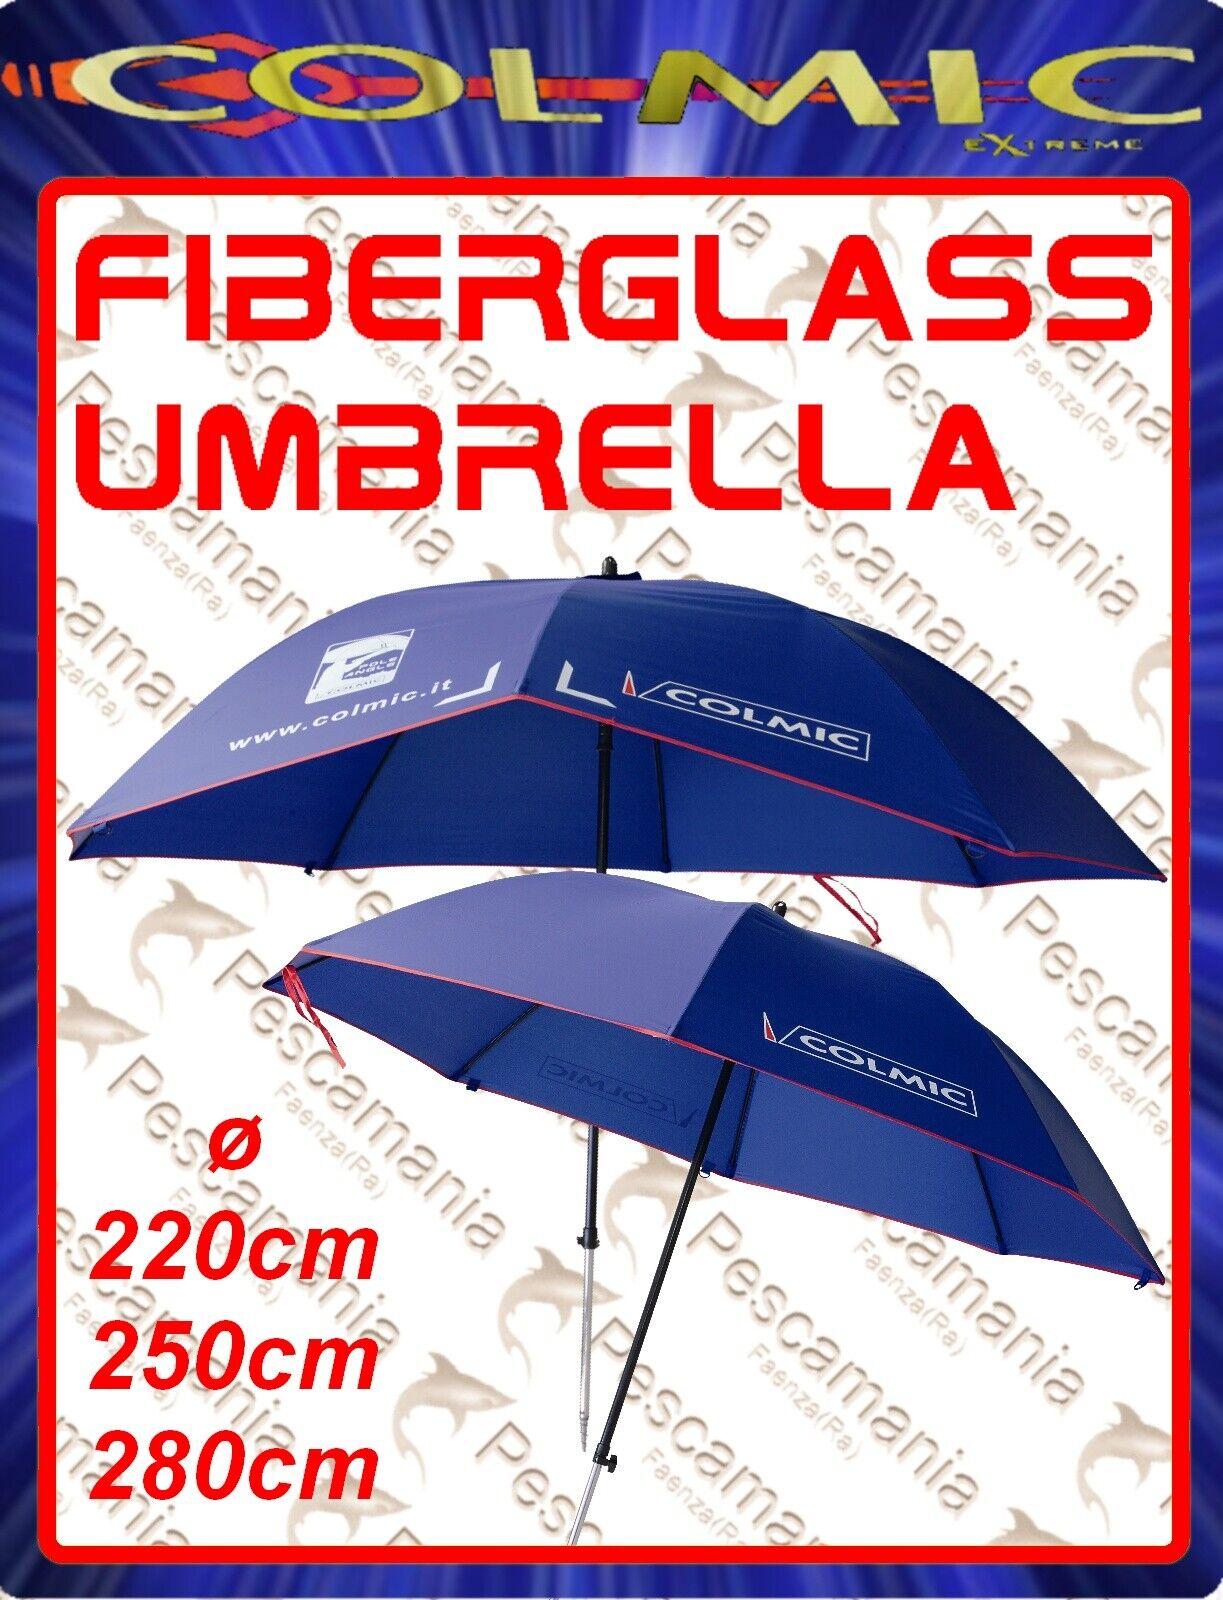 Ombrellone HI-TECH colmic fiberglass Umbrella